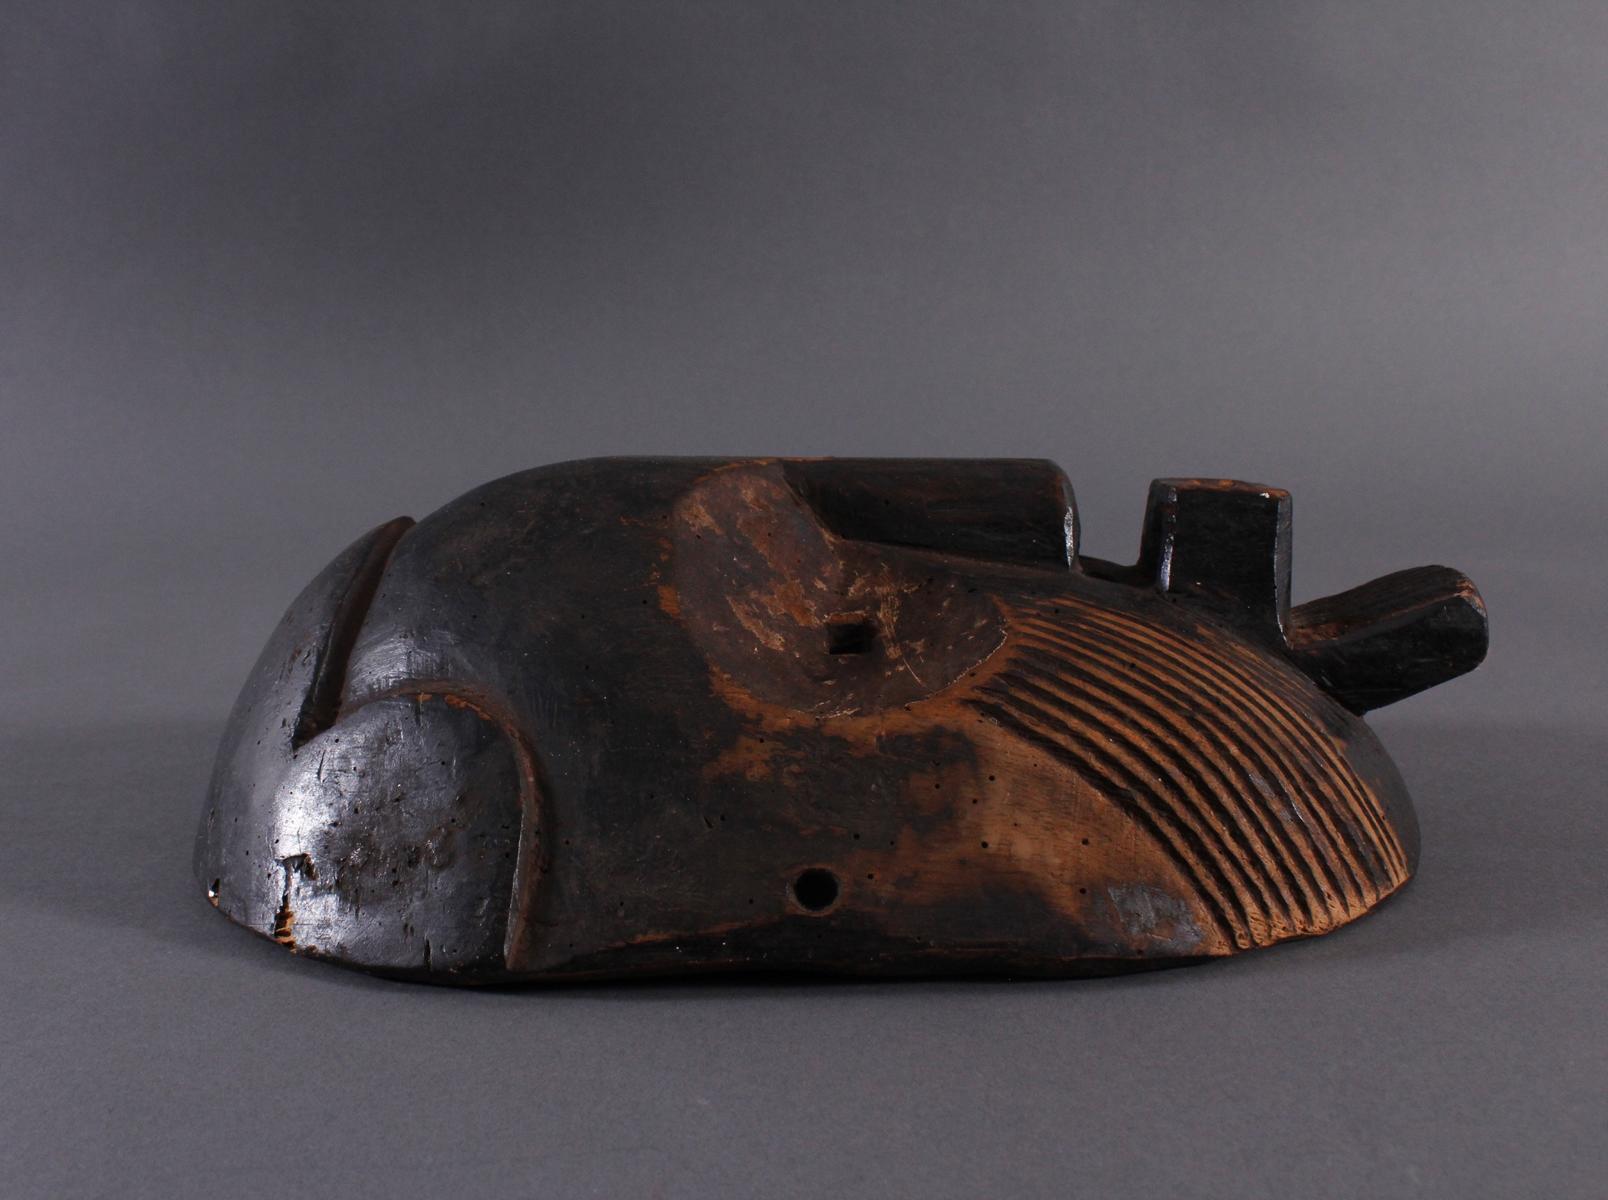 Antike Maske, Zaire/Kongo 1. Hälfte 20. Jh.Holz geschnitzt, dunköe Patina . Gesicht mit linearen - Bild 3 aus 6